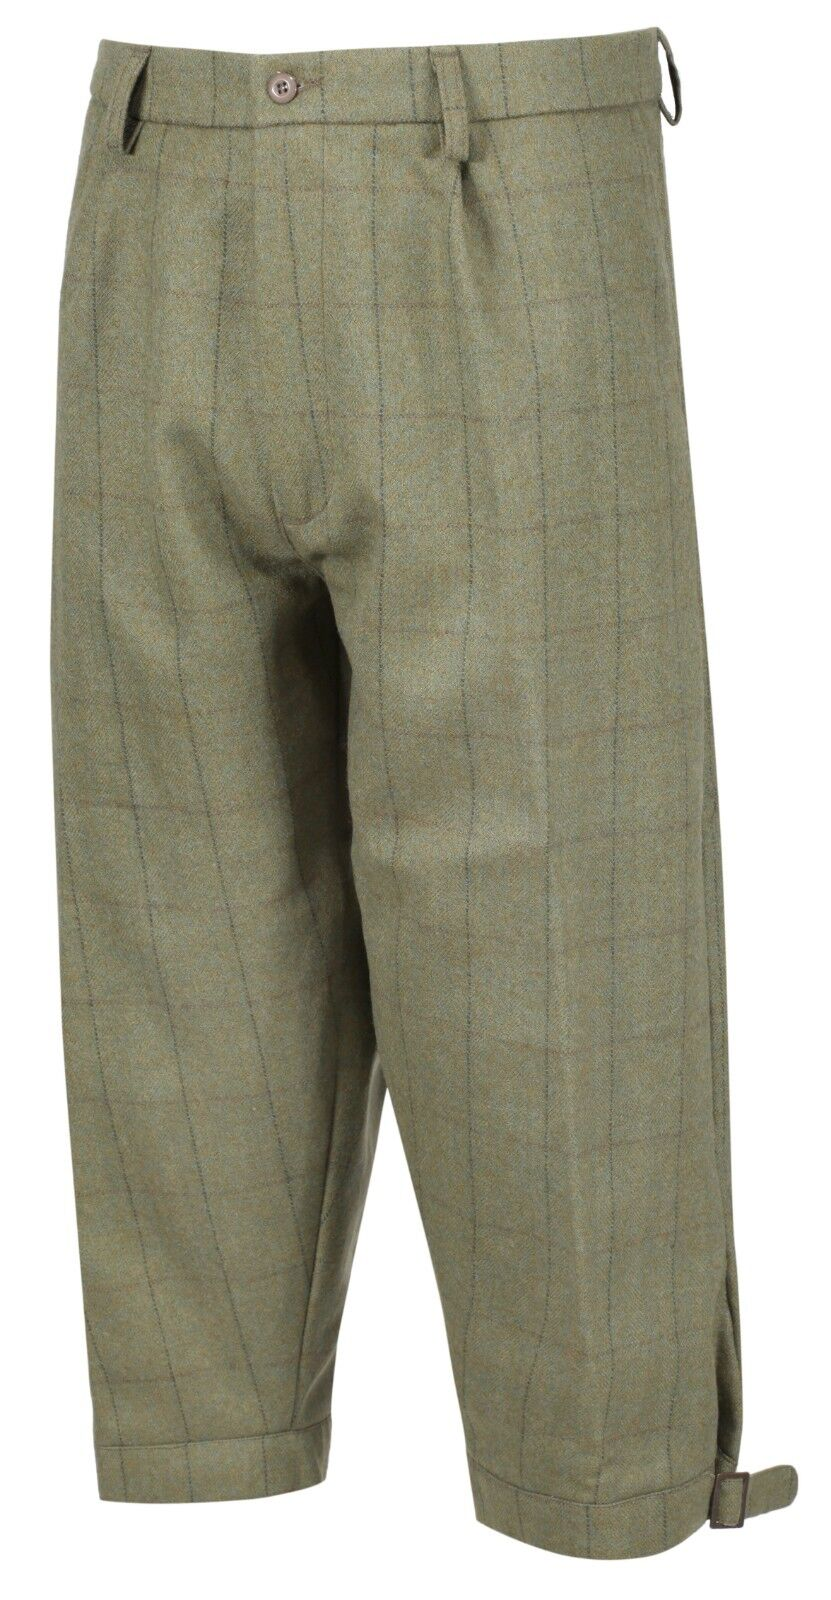 Imperméable Kensington Laine Tweed Chasse Breeks Traditionnel sur Mesure Qualité